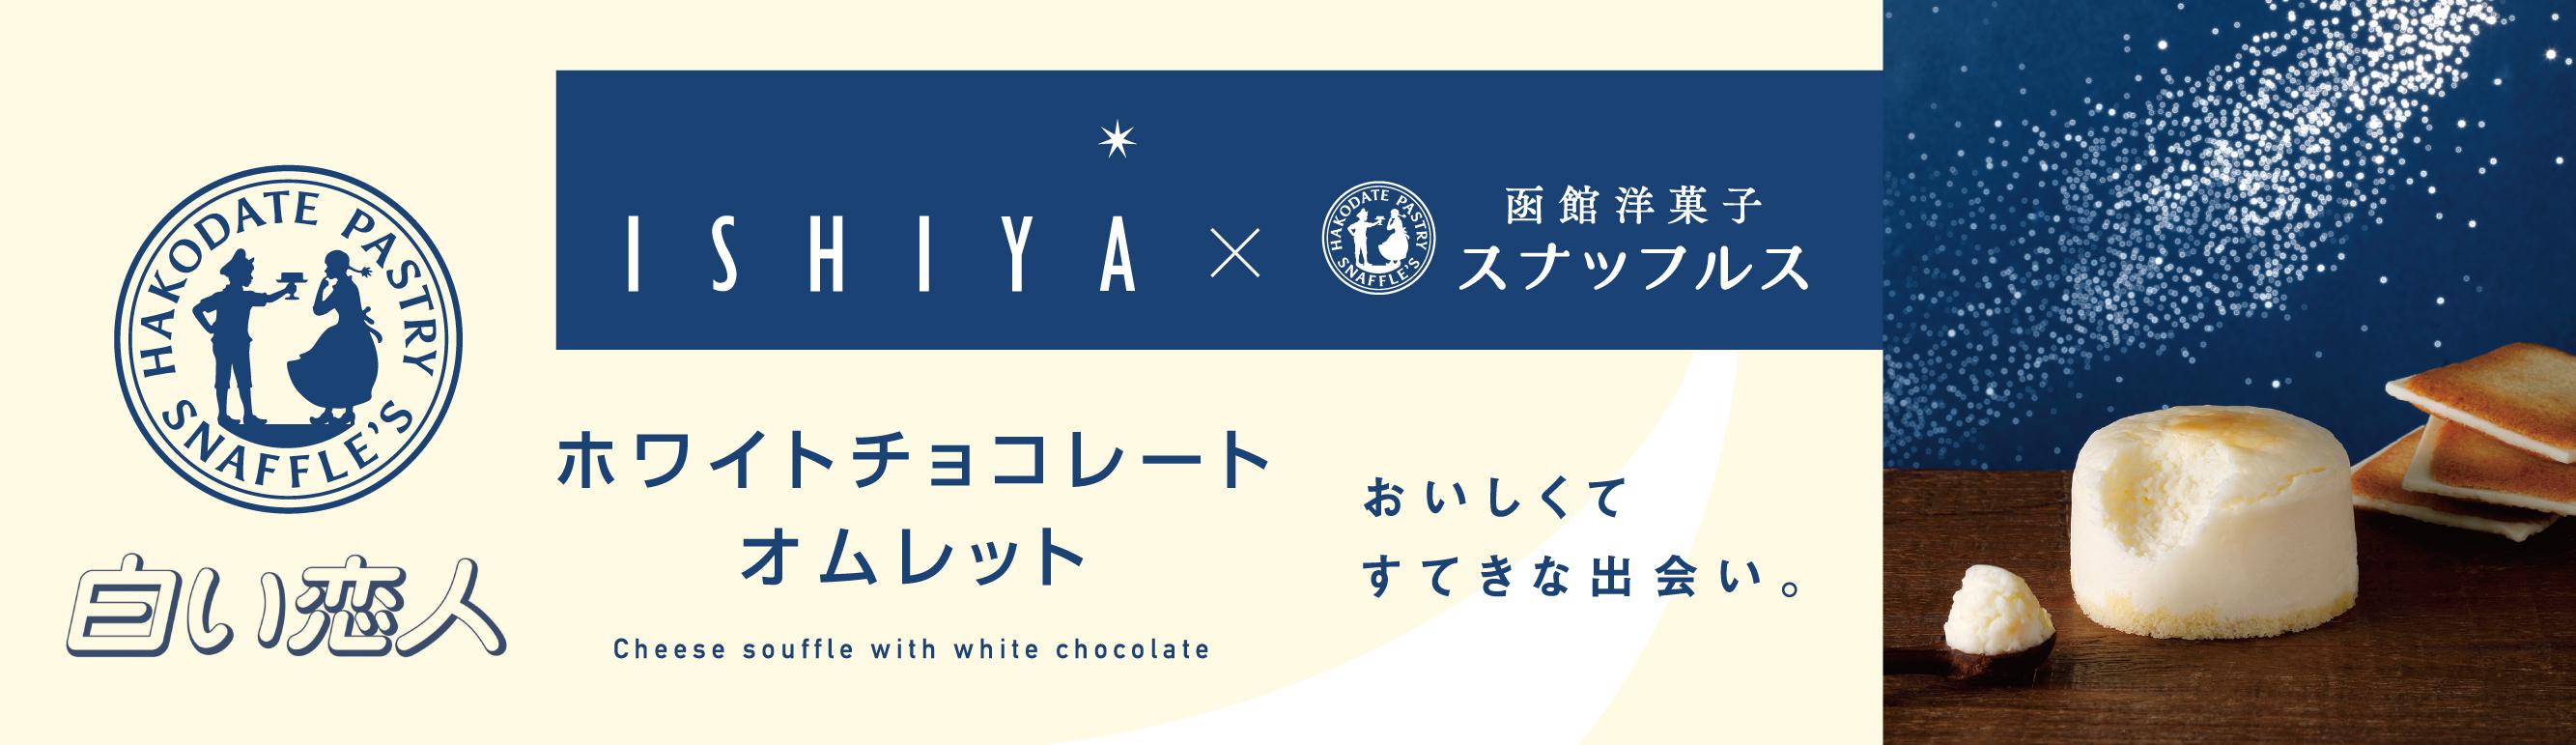 ホワイトチョコオムレット